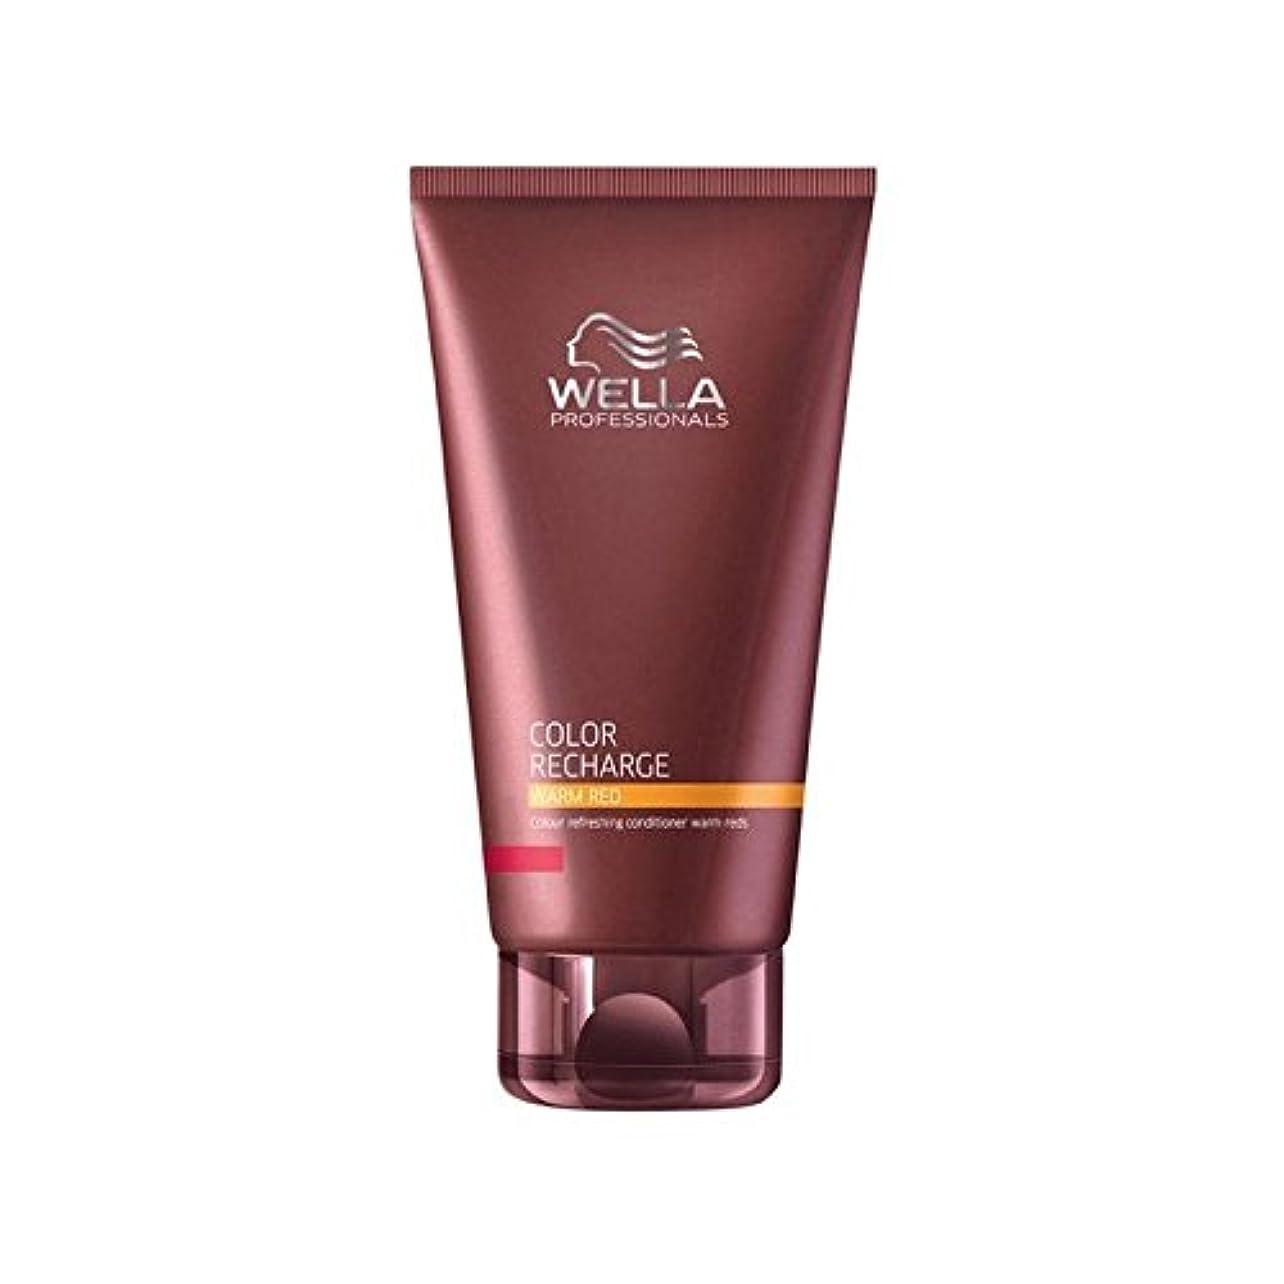 弱まる最後の剣ウエラ専門家のカラー再充電コンディショナー暖かい赤(200ミリリットル) x2 - Wella Professionals Color Recharge Conditioner Warm Red (200ml) (Pack...